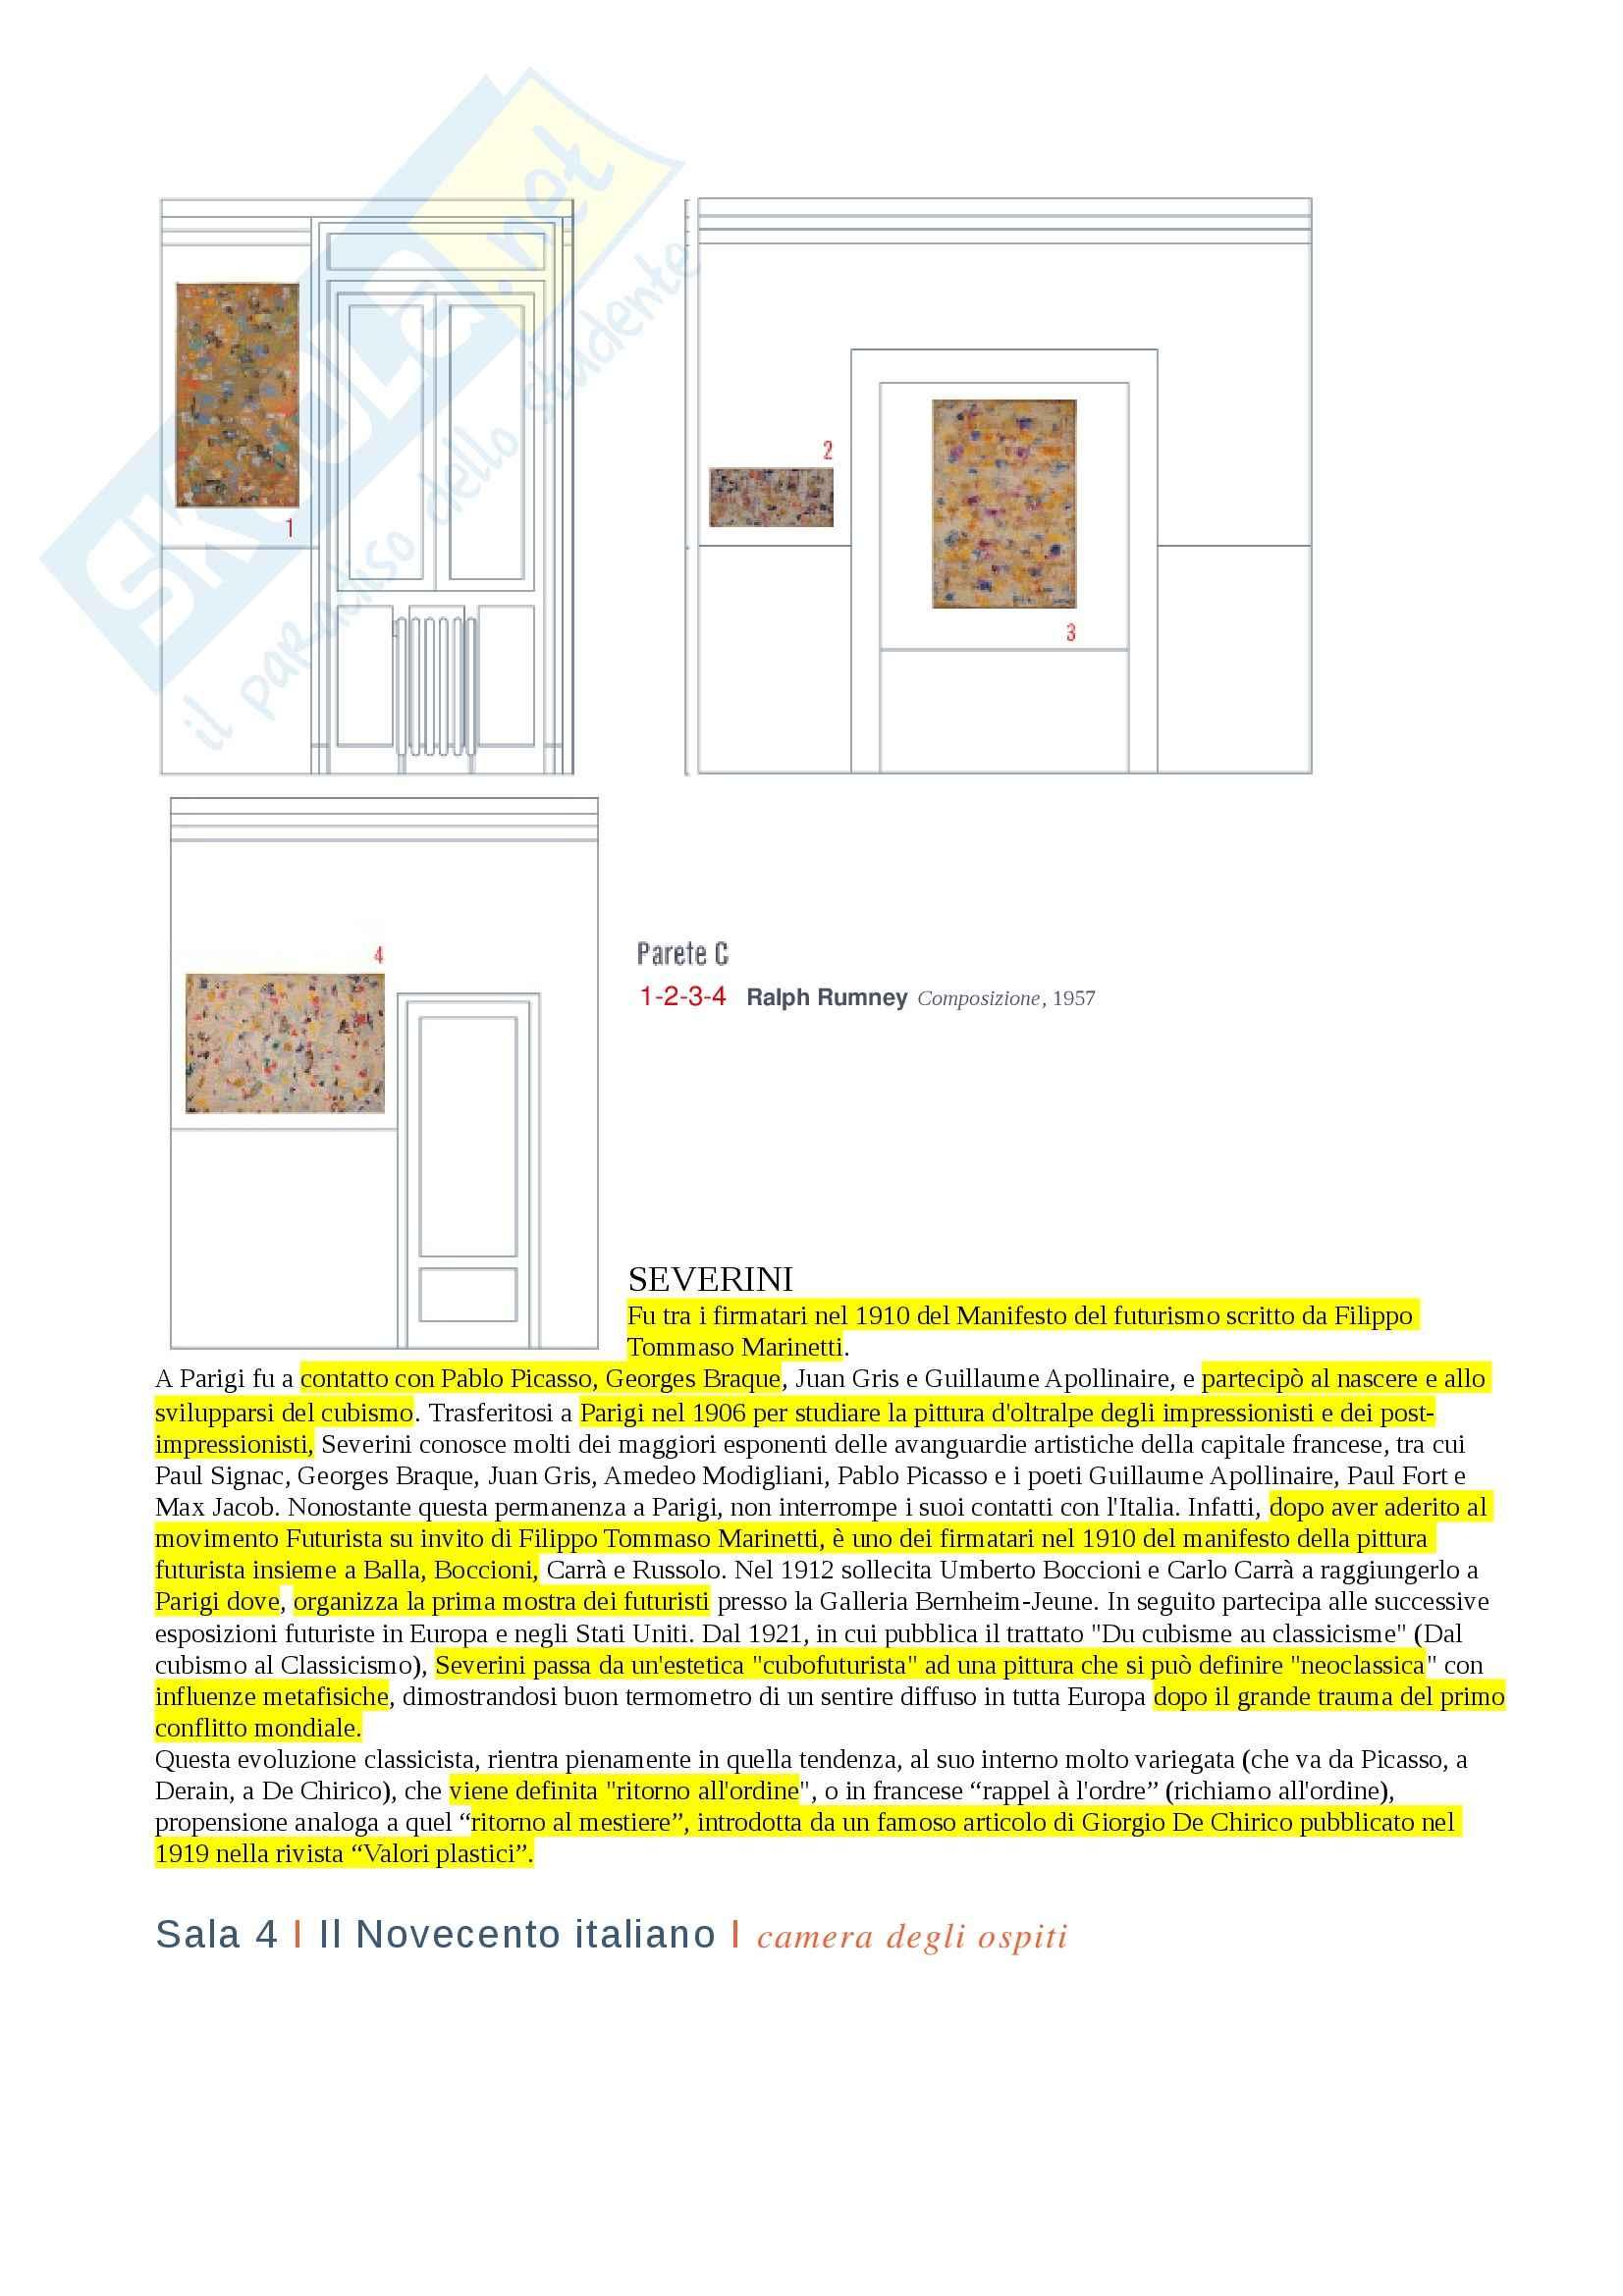 Fondazione Boschi Di Stefano, Storia dell'arte contemporanea Pag. 6